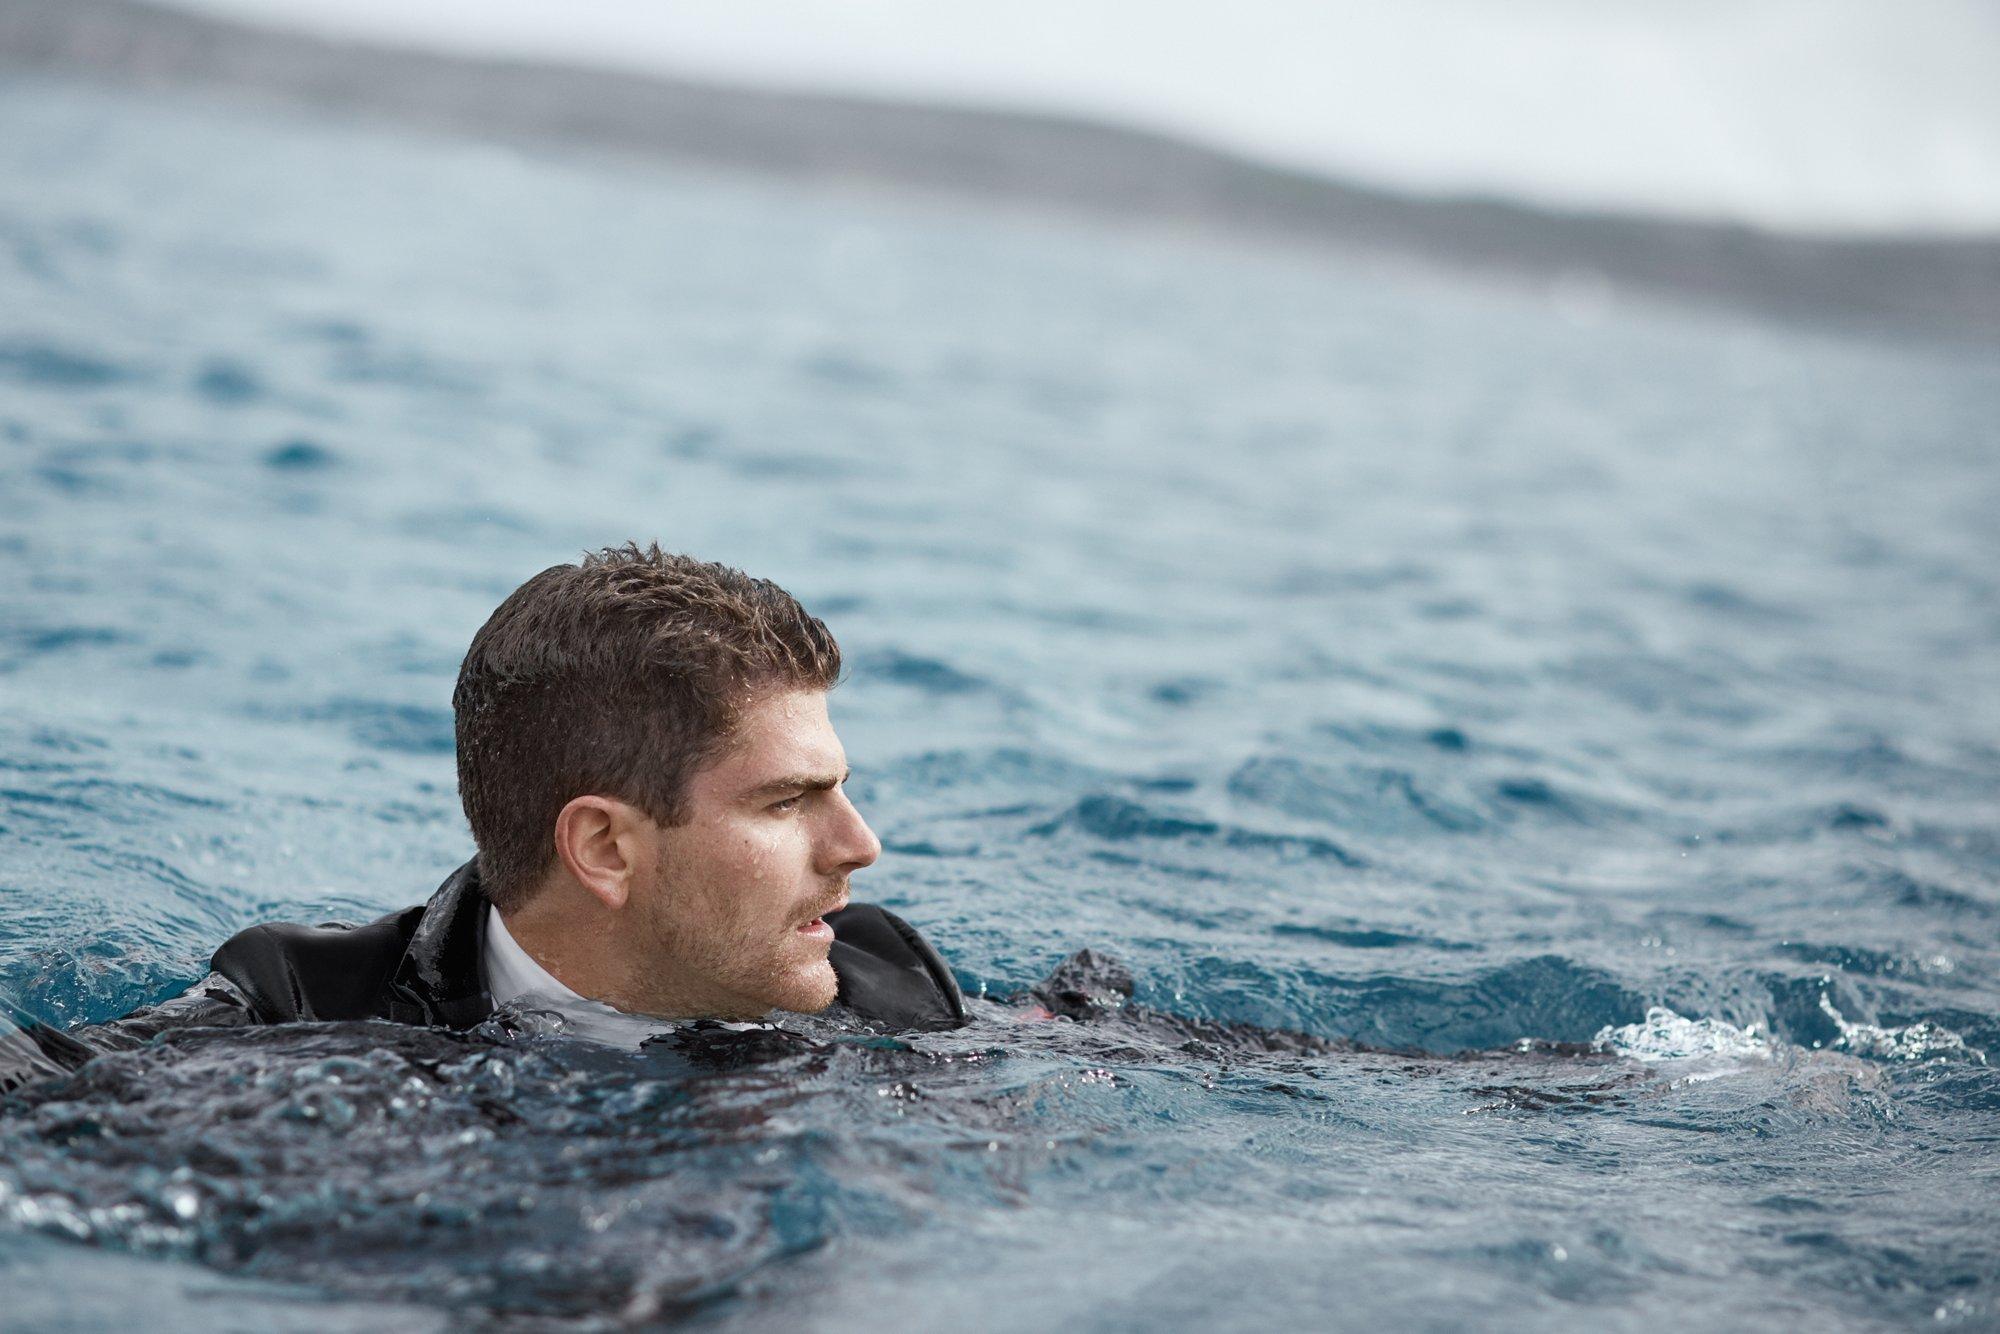 David Colturi zwemt in het Superblack-kostuum van HUGO